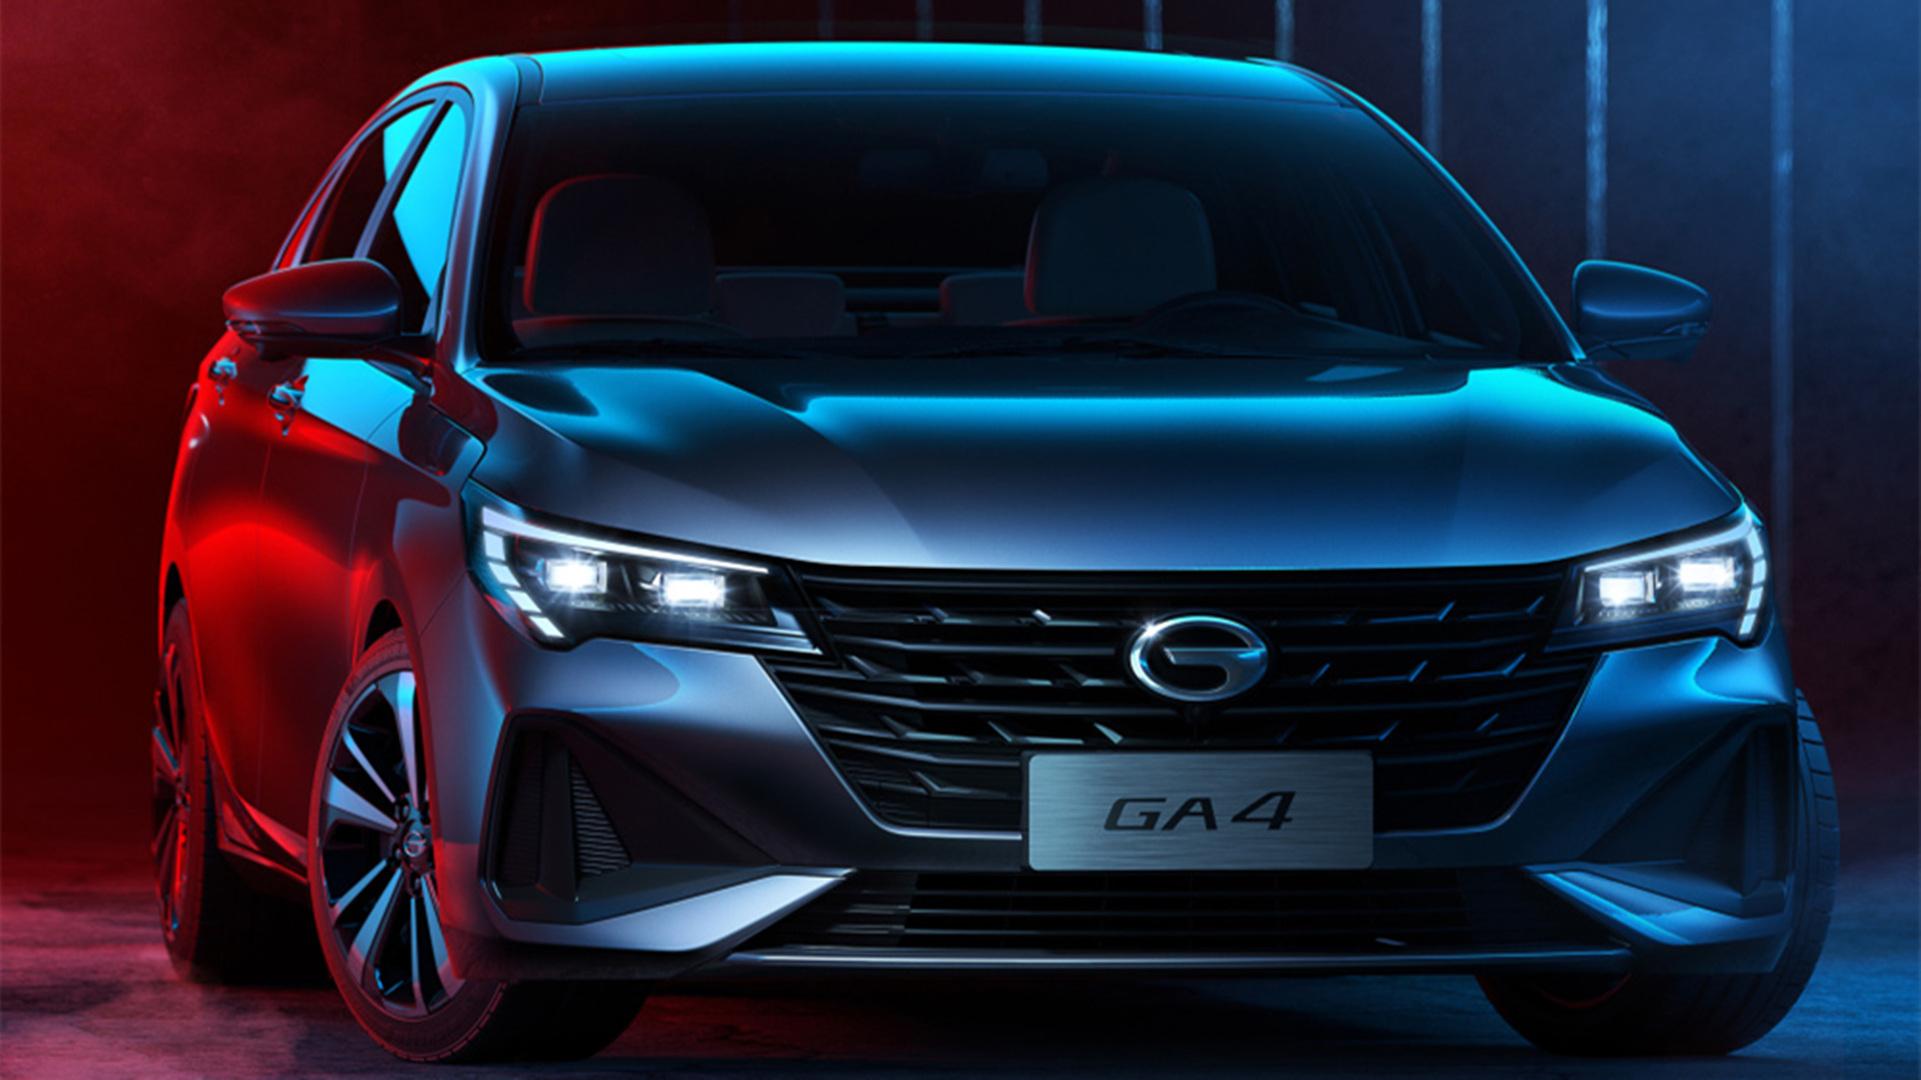 上半年新车回顾:外形更帅气,广汽传祺GA4 PLUS了解下